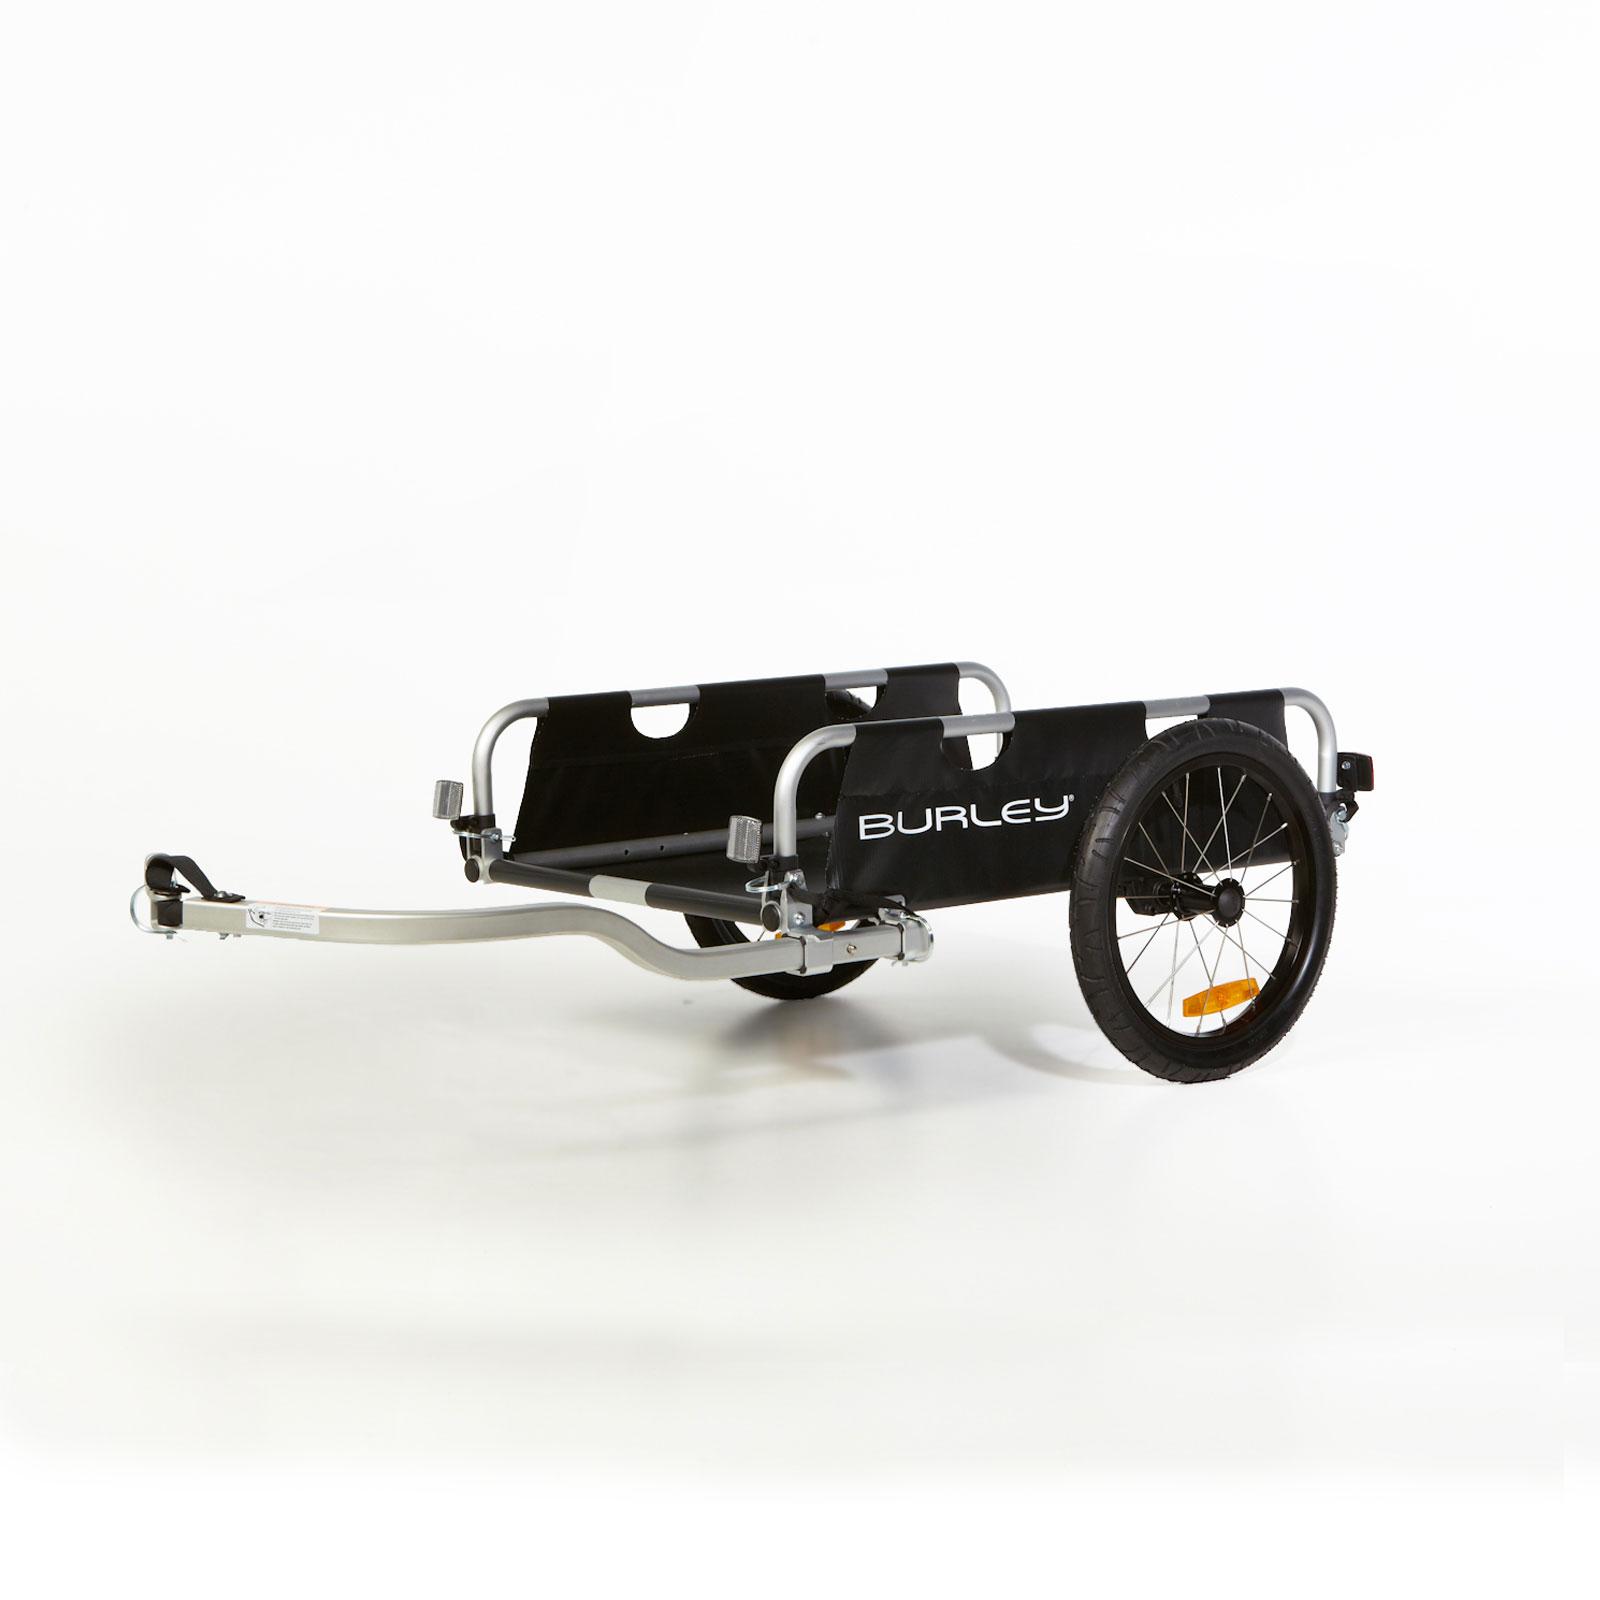 fahrrad lastenanh nger burley flatbed. Black Bedroom Furniture Sets. Home Design Ideas